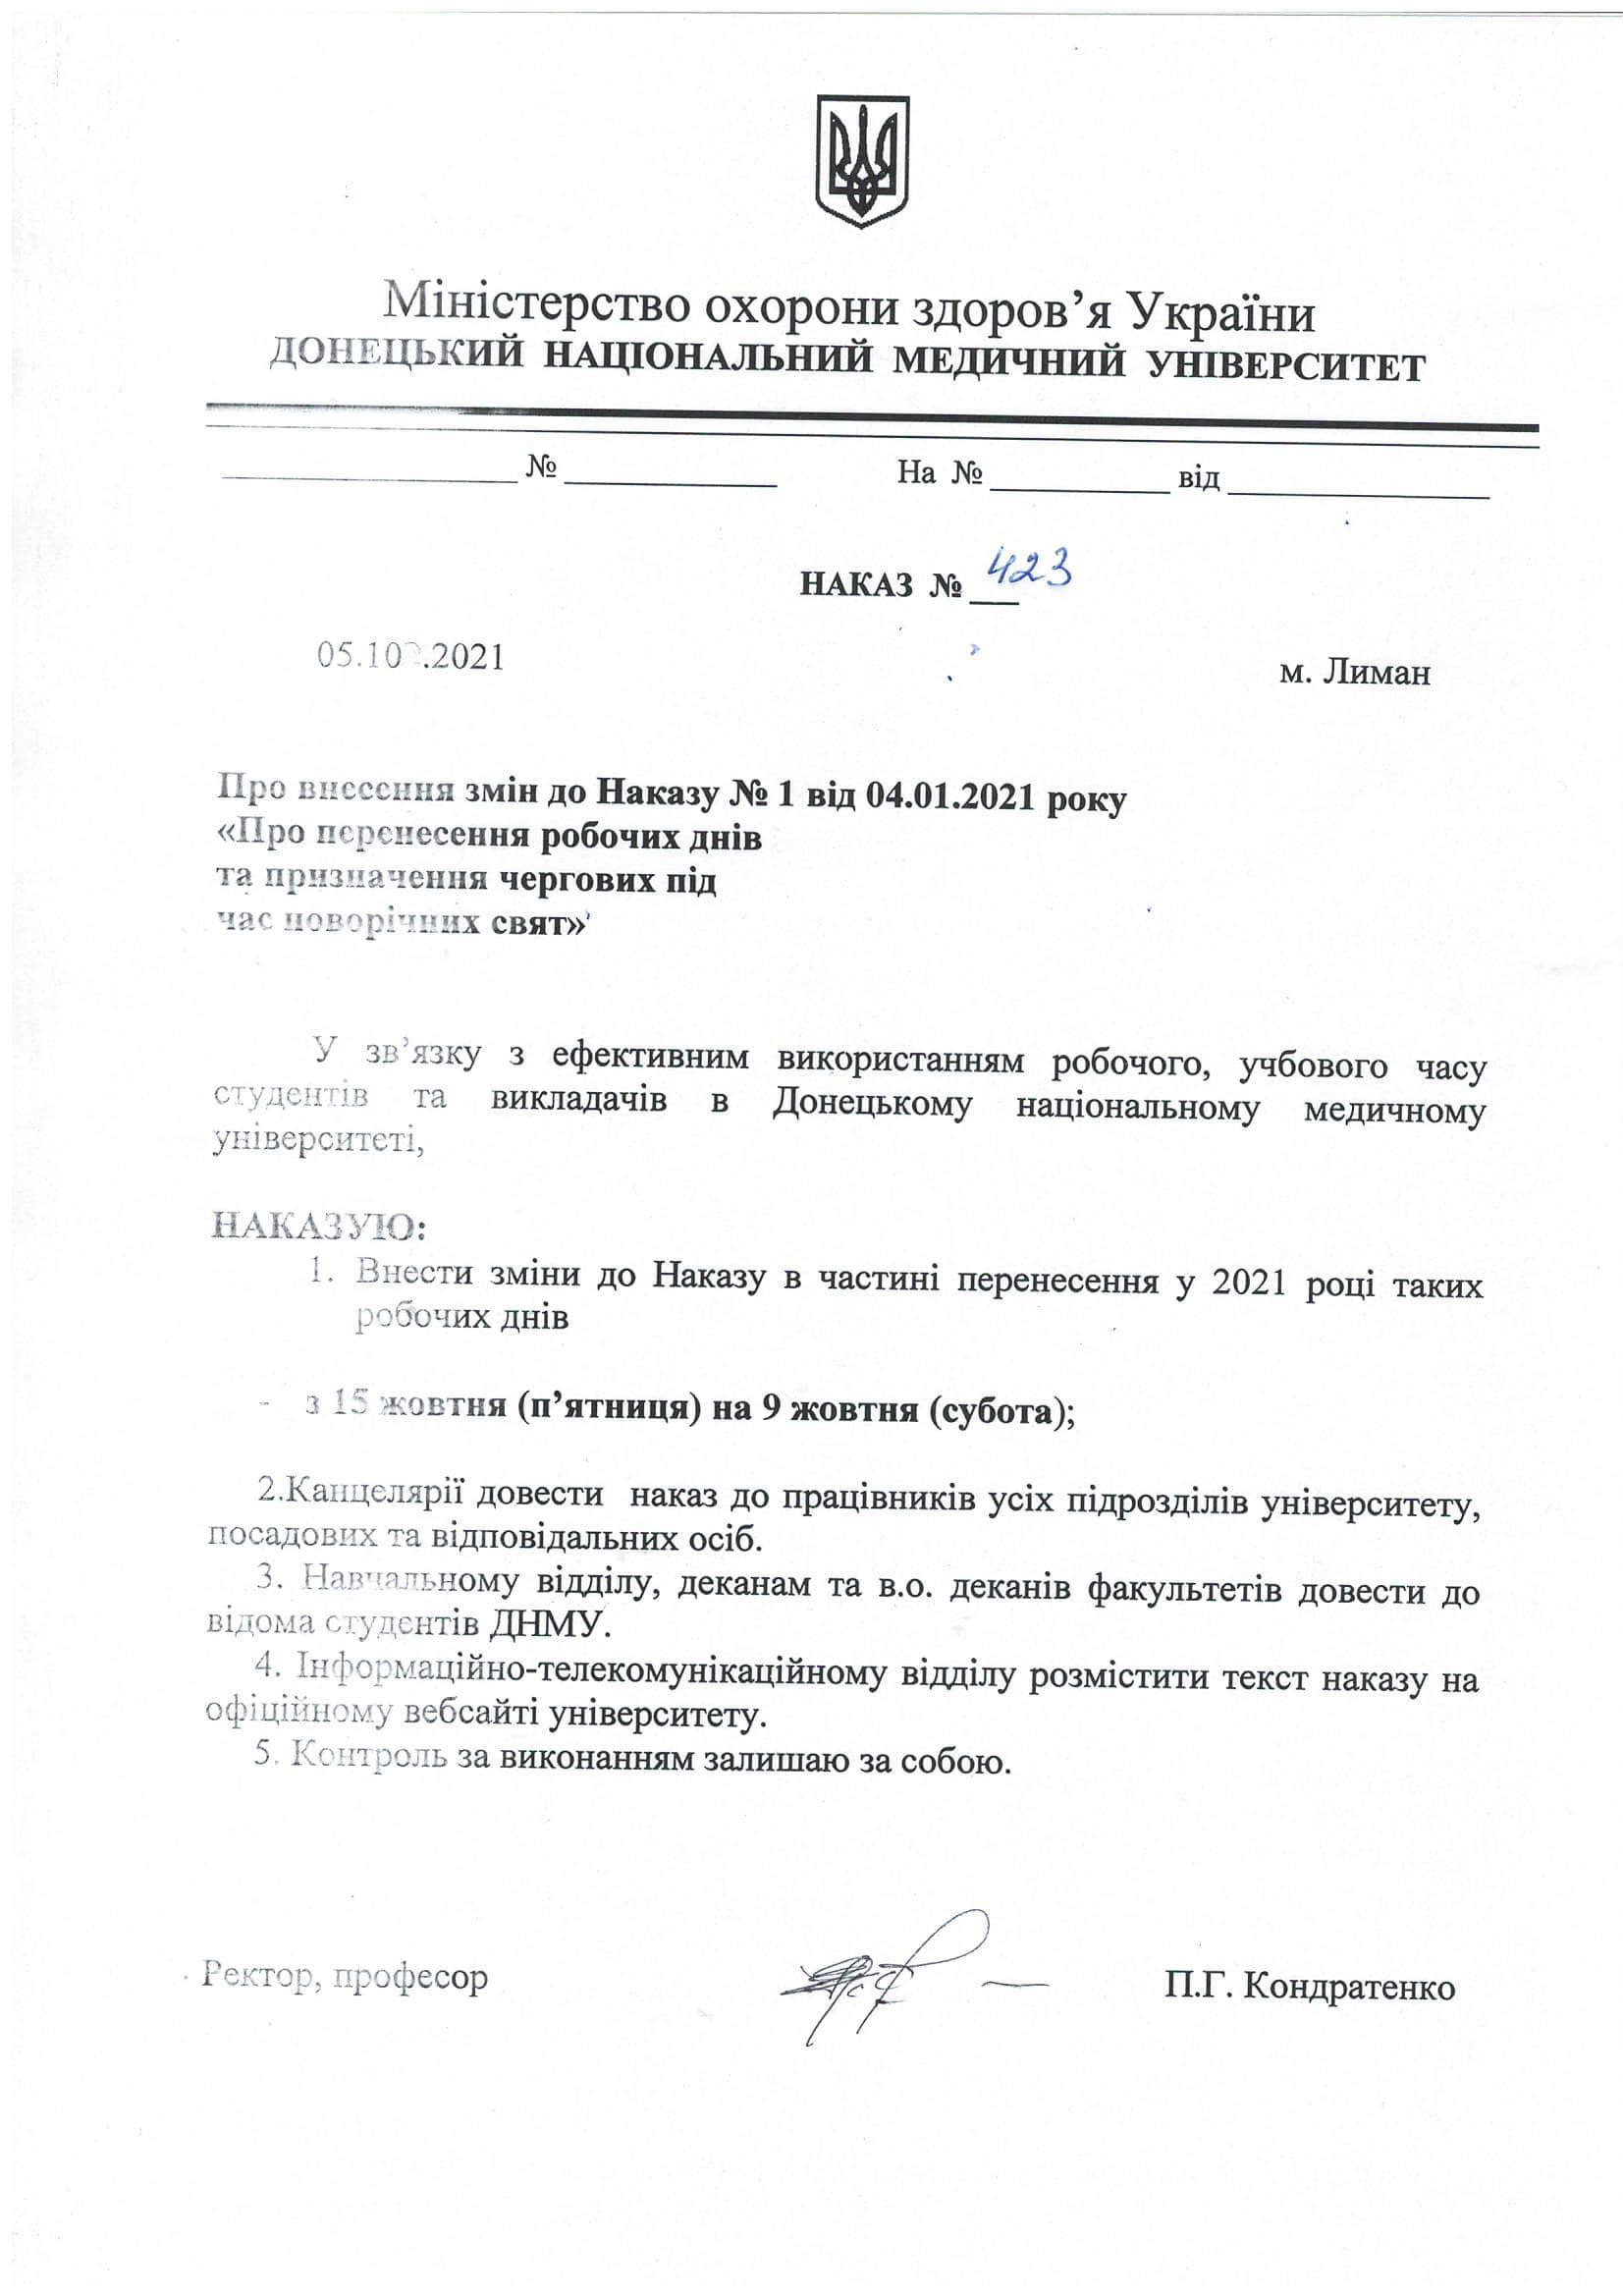 skanyrovat10023